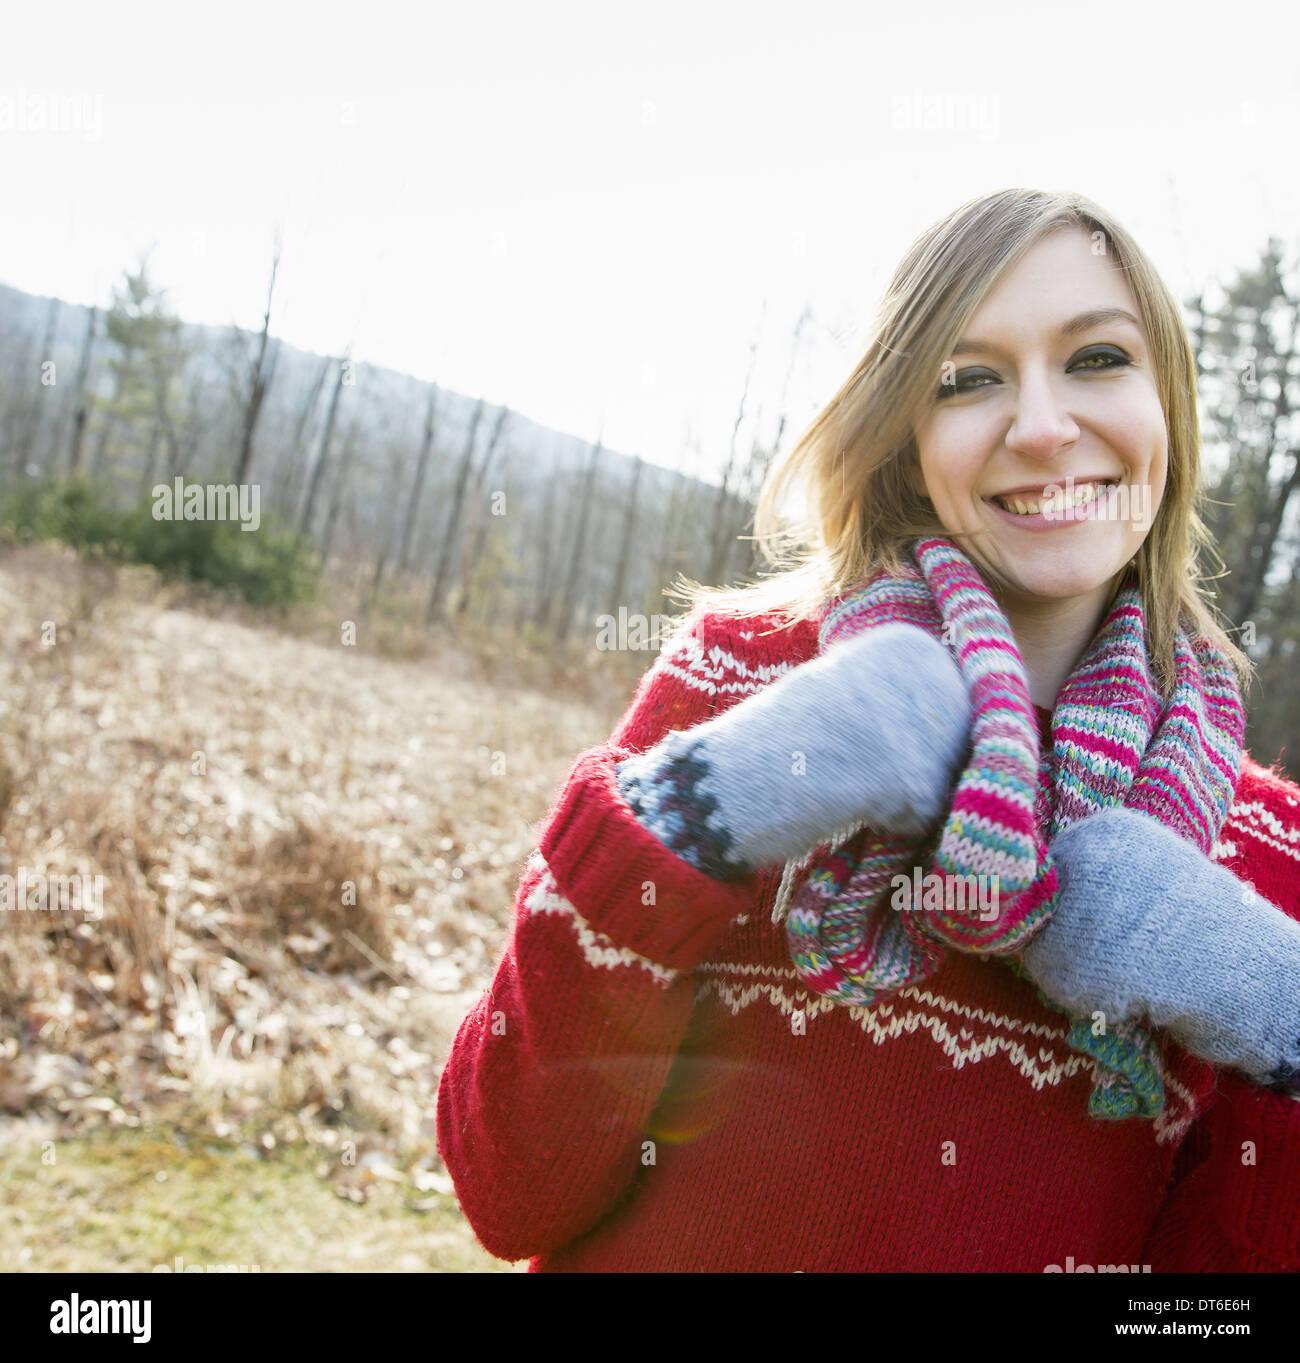 Une femme portant une écharpe en tricot et mitaines de laine à l'extérieur sur une journée d'hiver. Photo Stock